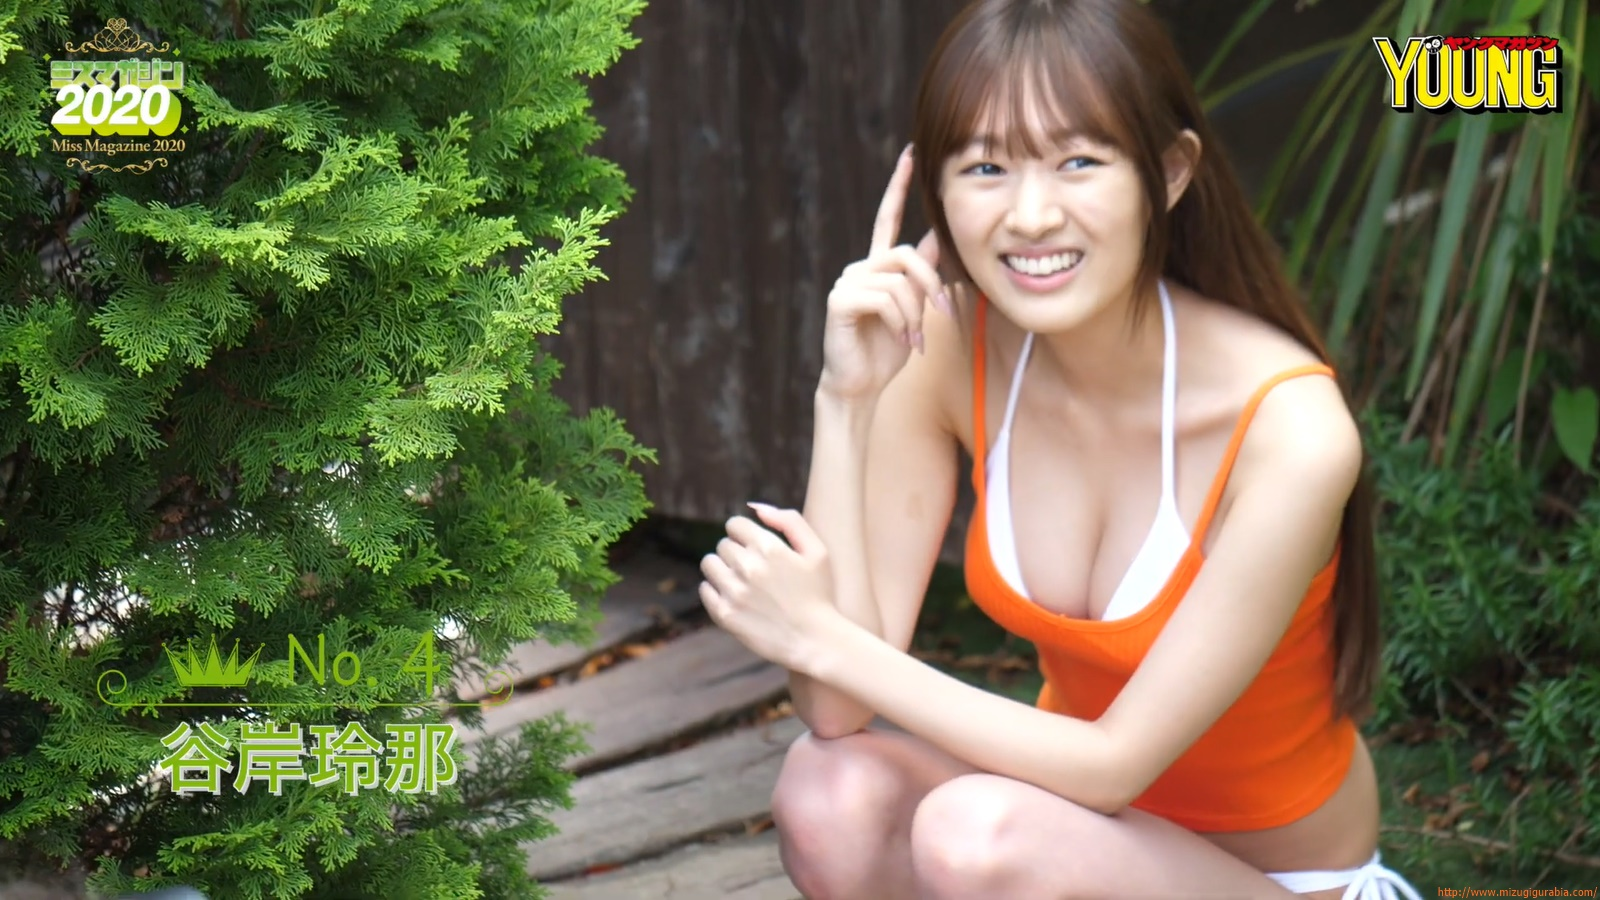 Miss Magazine 2020 Rena Tanegishi026